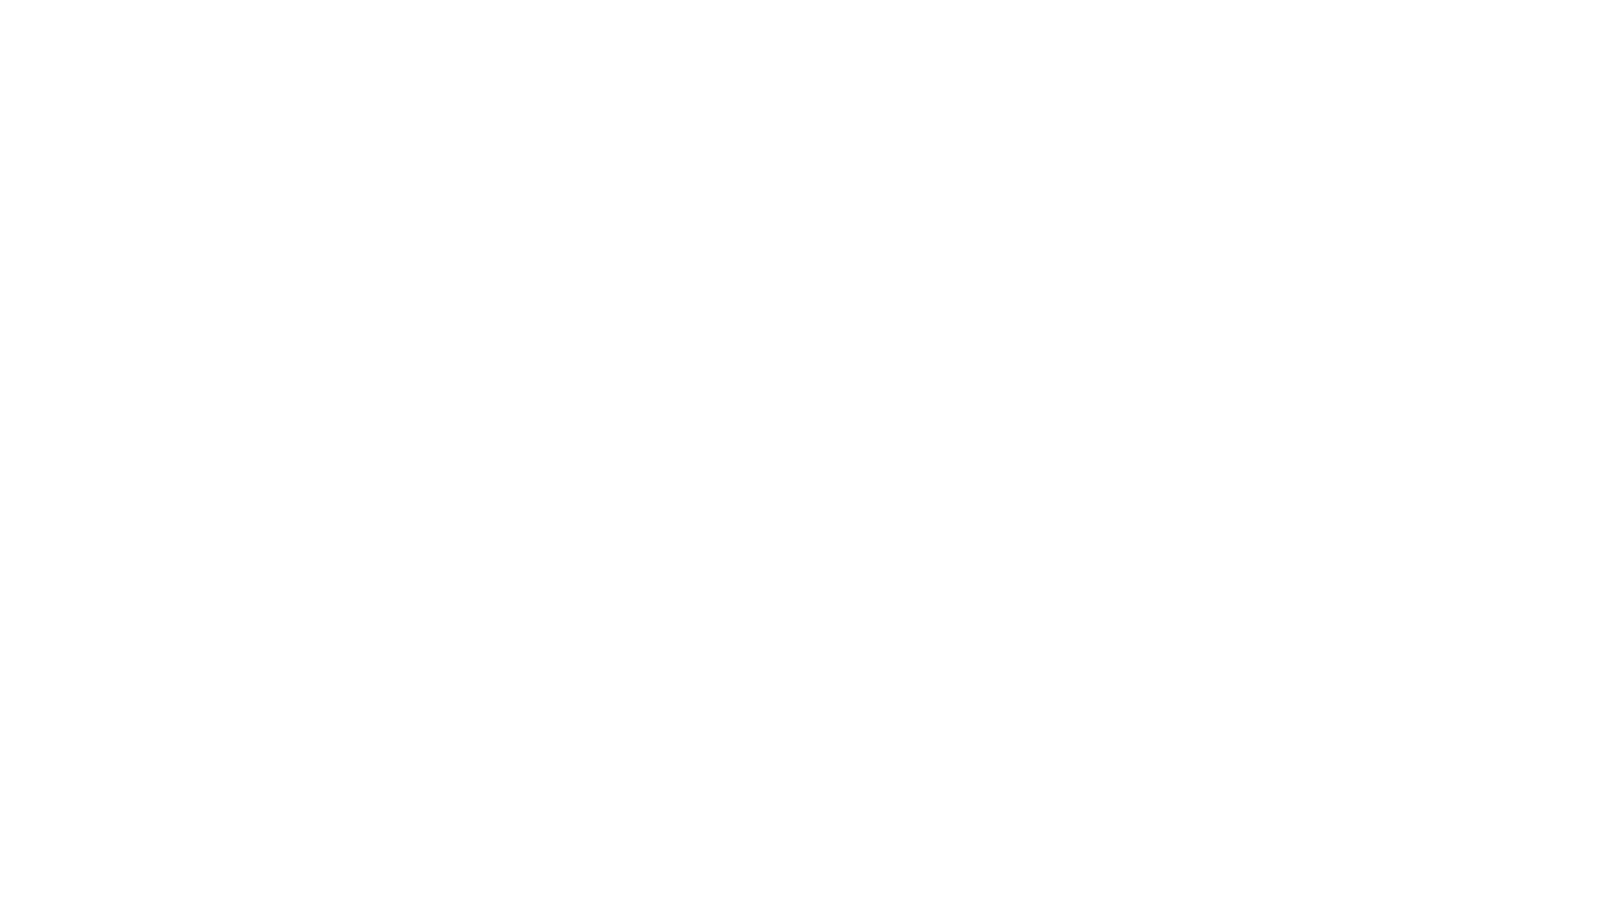 Elevata qualità costruttiva, dotazioni complete, soluzioni originali, materiali pregiati e isolamento termico di livello superiore per far fronte a qualsiasi situazione di clima, latitudine e stagione. Il Tourne Mobil, non a caso, è un van che ha avuto ottima accoglienza nei paesi nordici, grazie alle sue caratteristiche di veicolo adattabile anche alle situazioni climatiche più difficili.